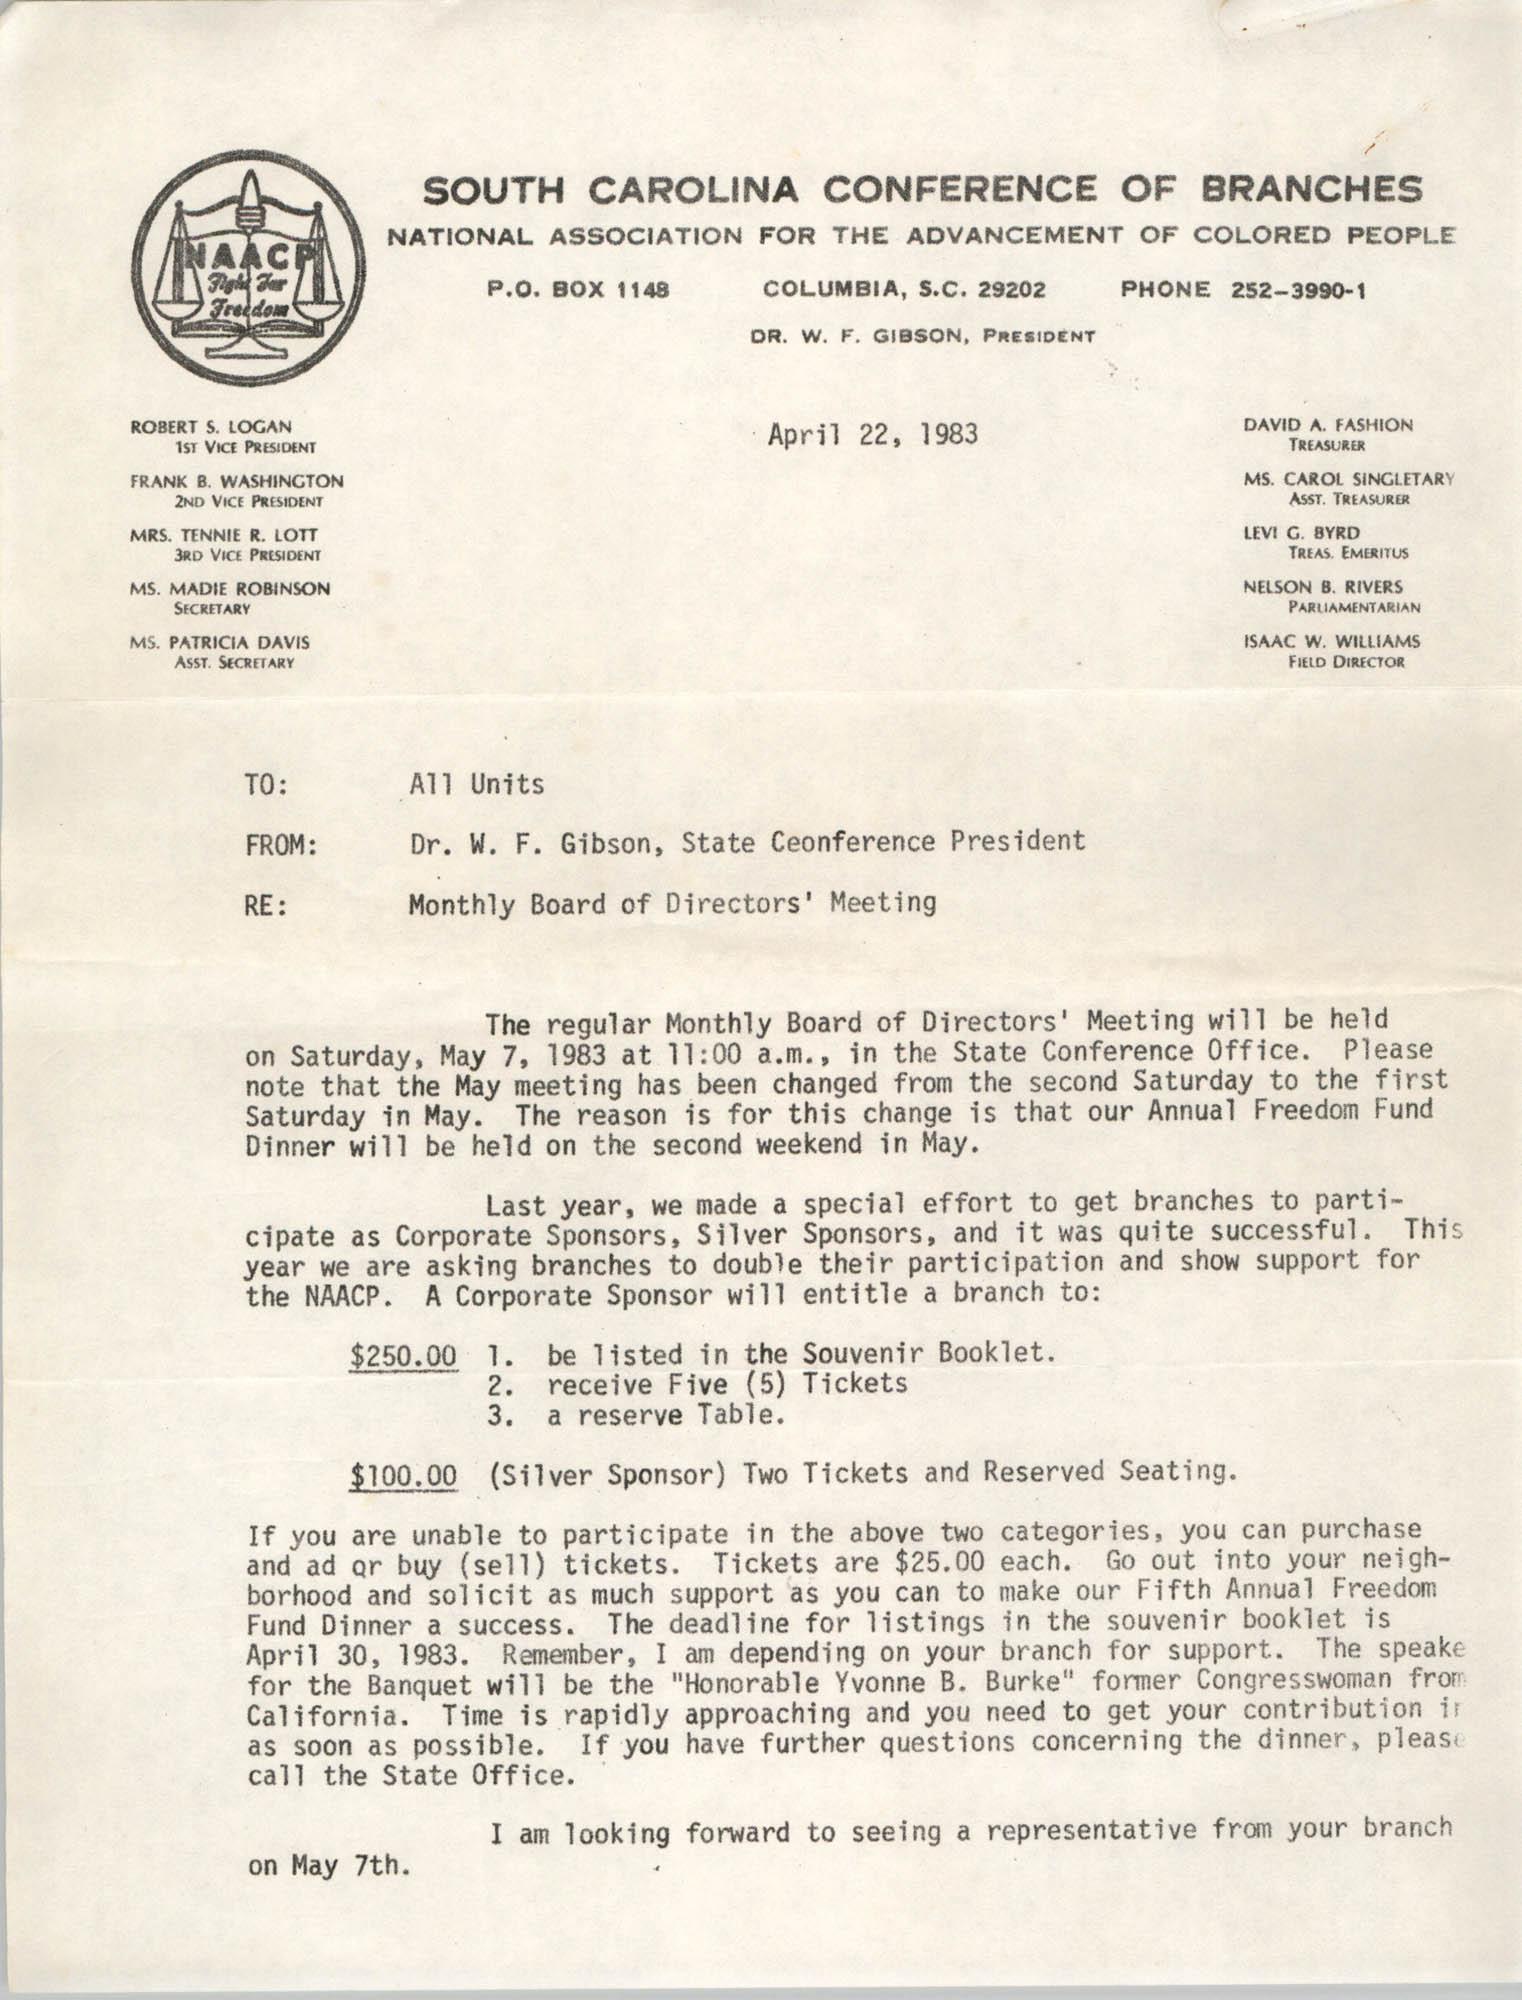 Memorandum, Dr. W.F. Gibson, April 22, 1983